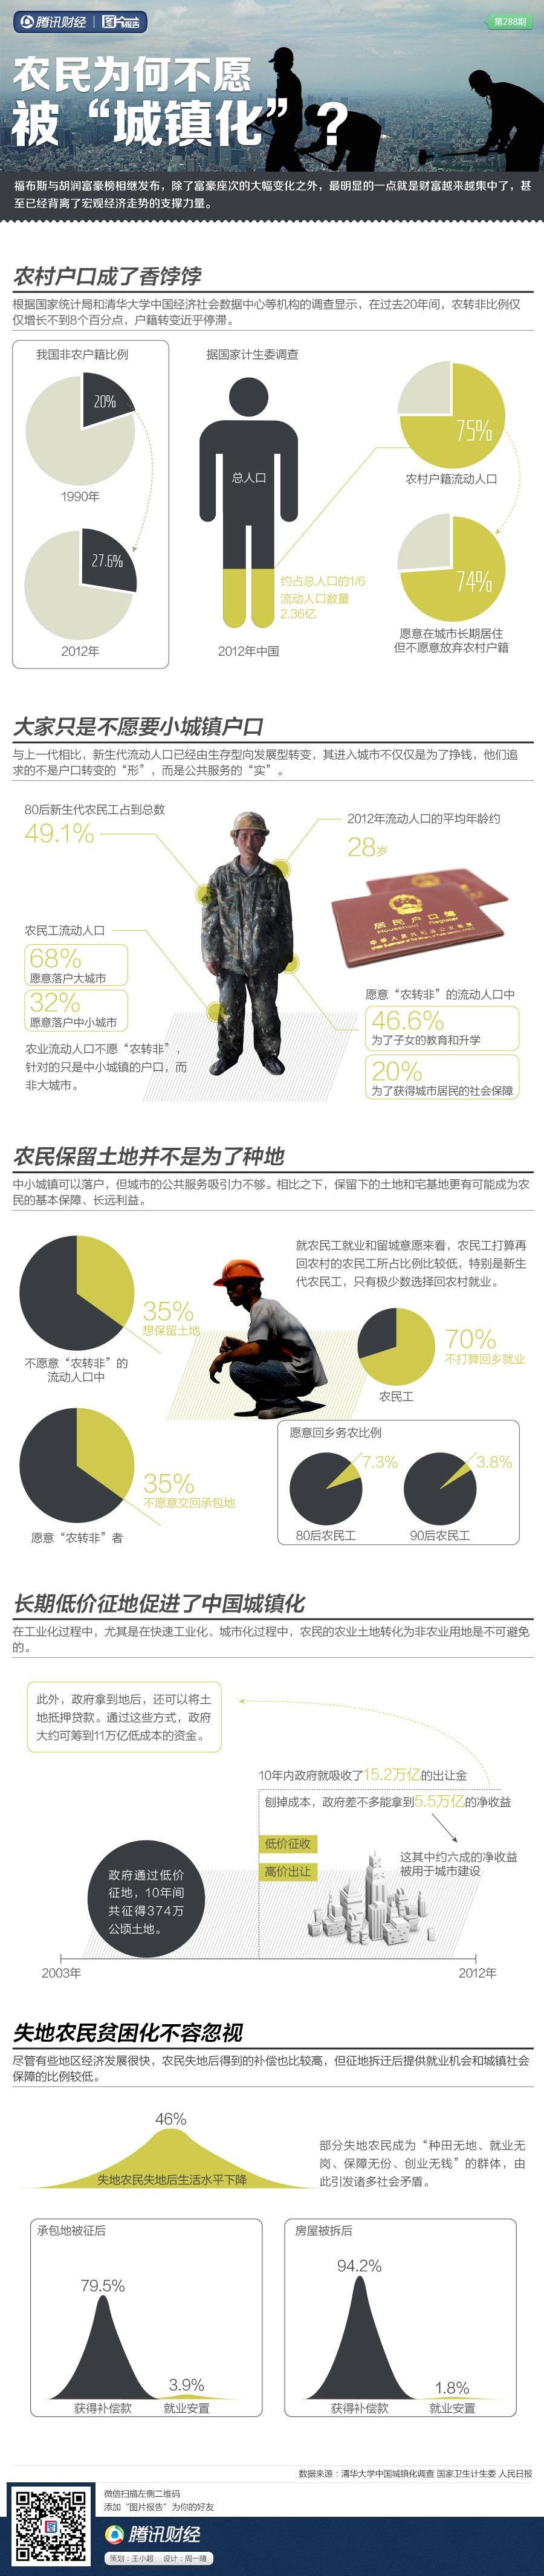 """图片报告:农民为何不愿被""""城镇化""""【腾讯财经】 - 林老师 - 林老师高中政治教学博客"""